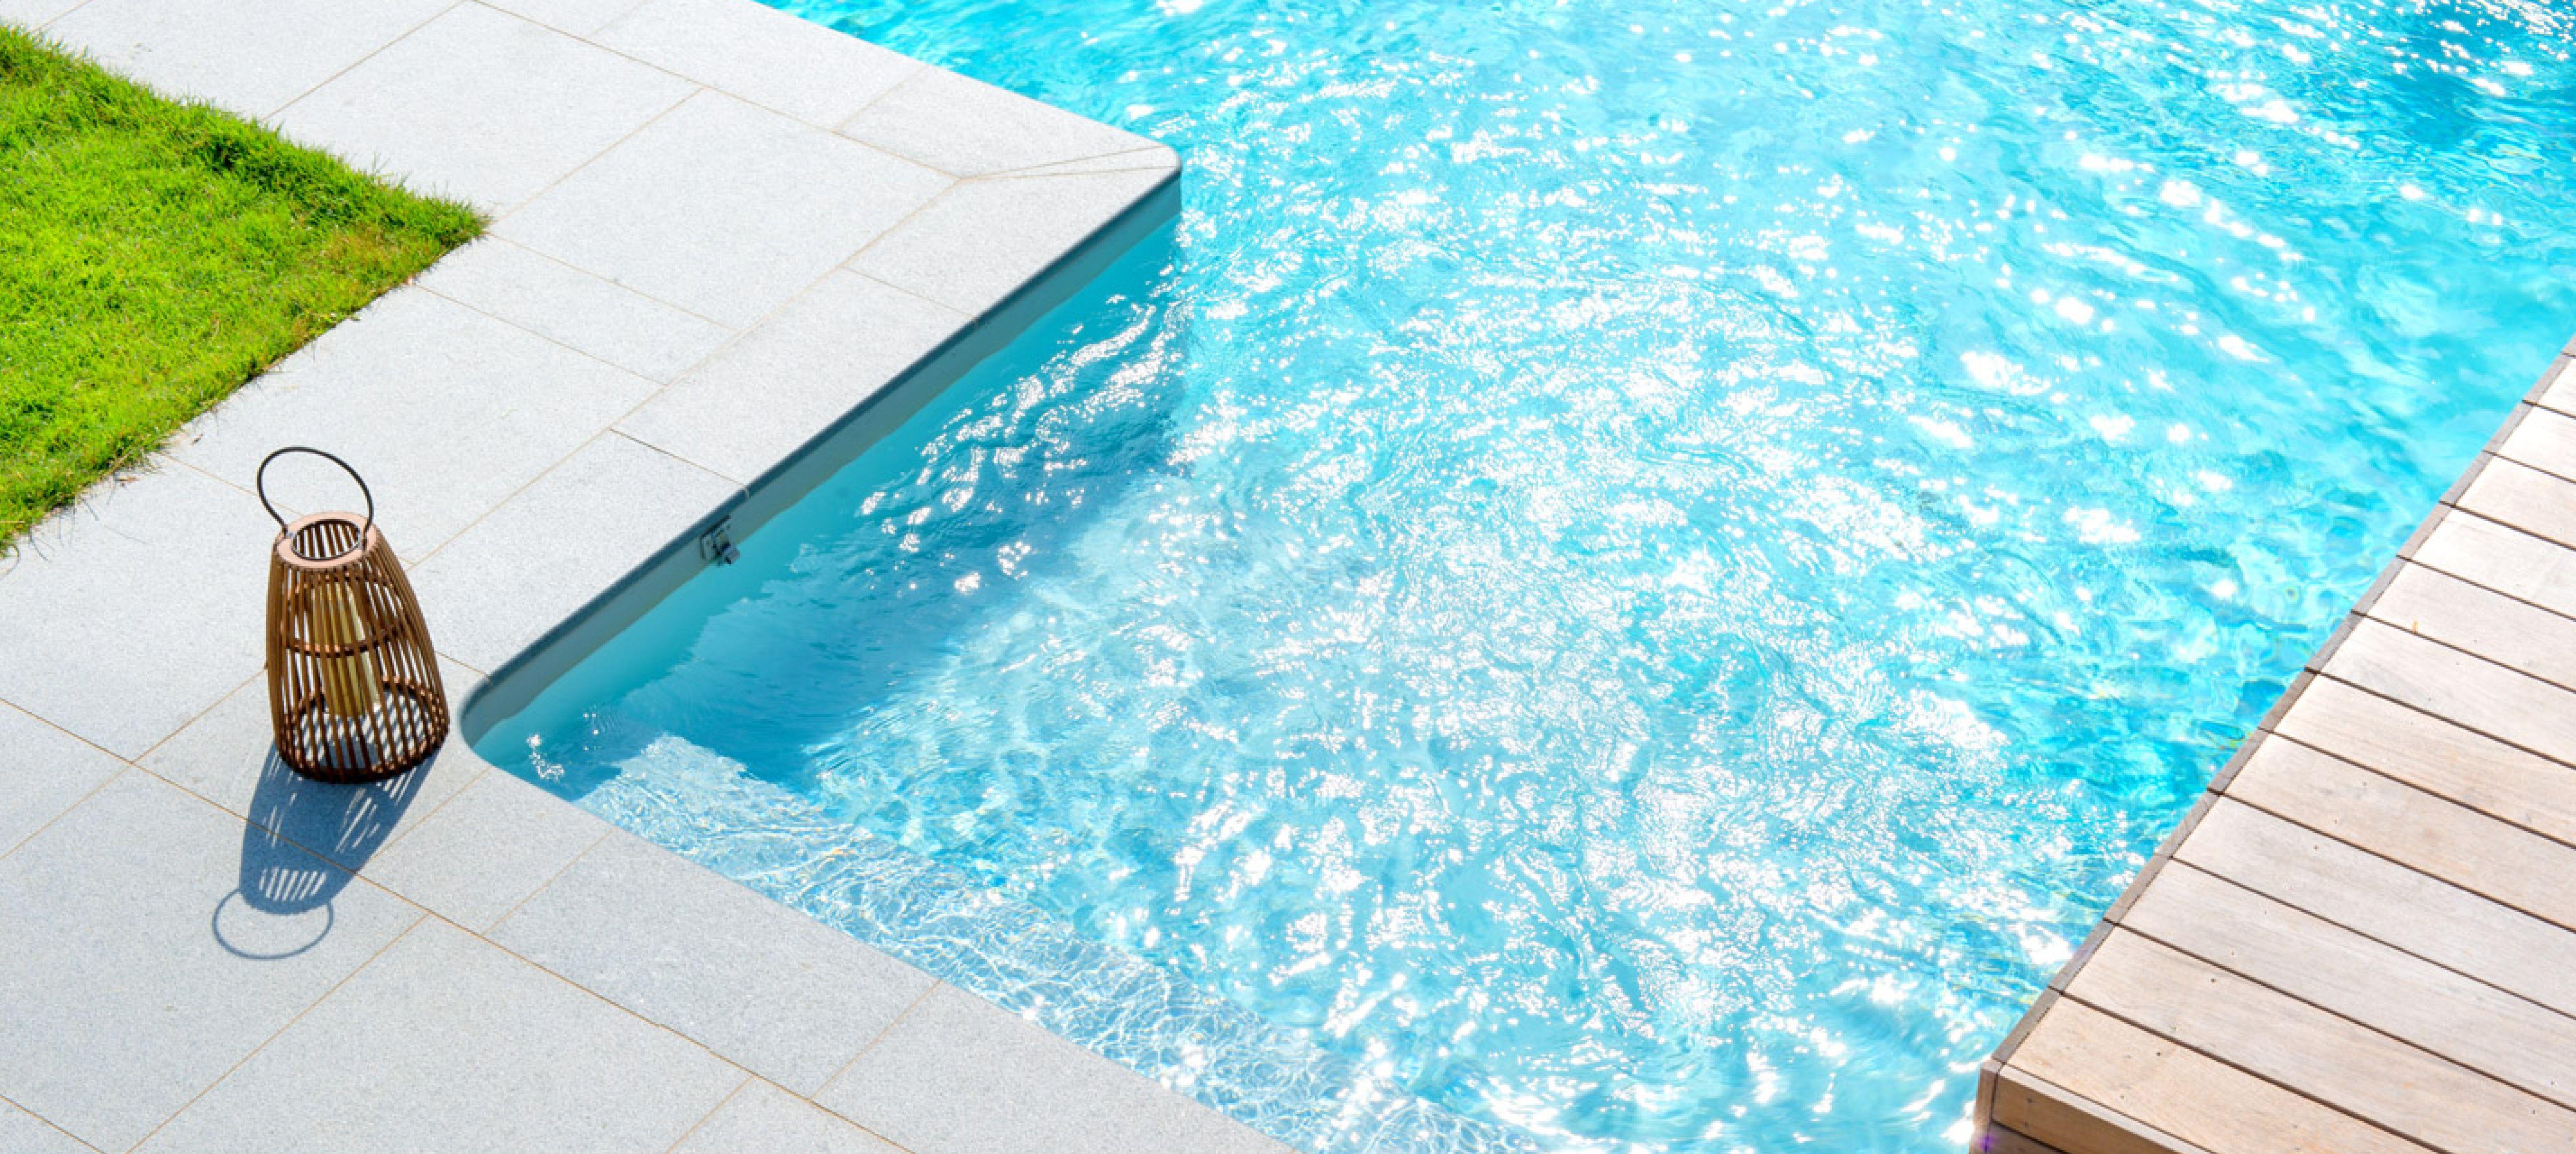 Piscine En Bois Alsace zoom sur l'escalier large de la piscine concept maldives